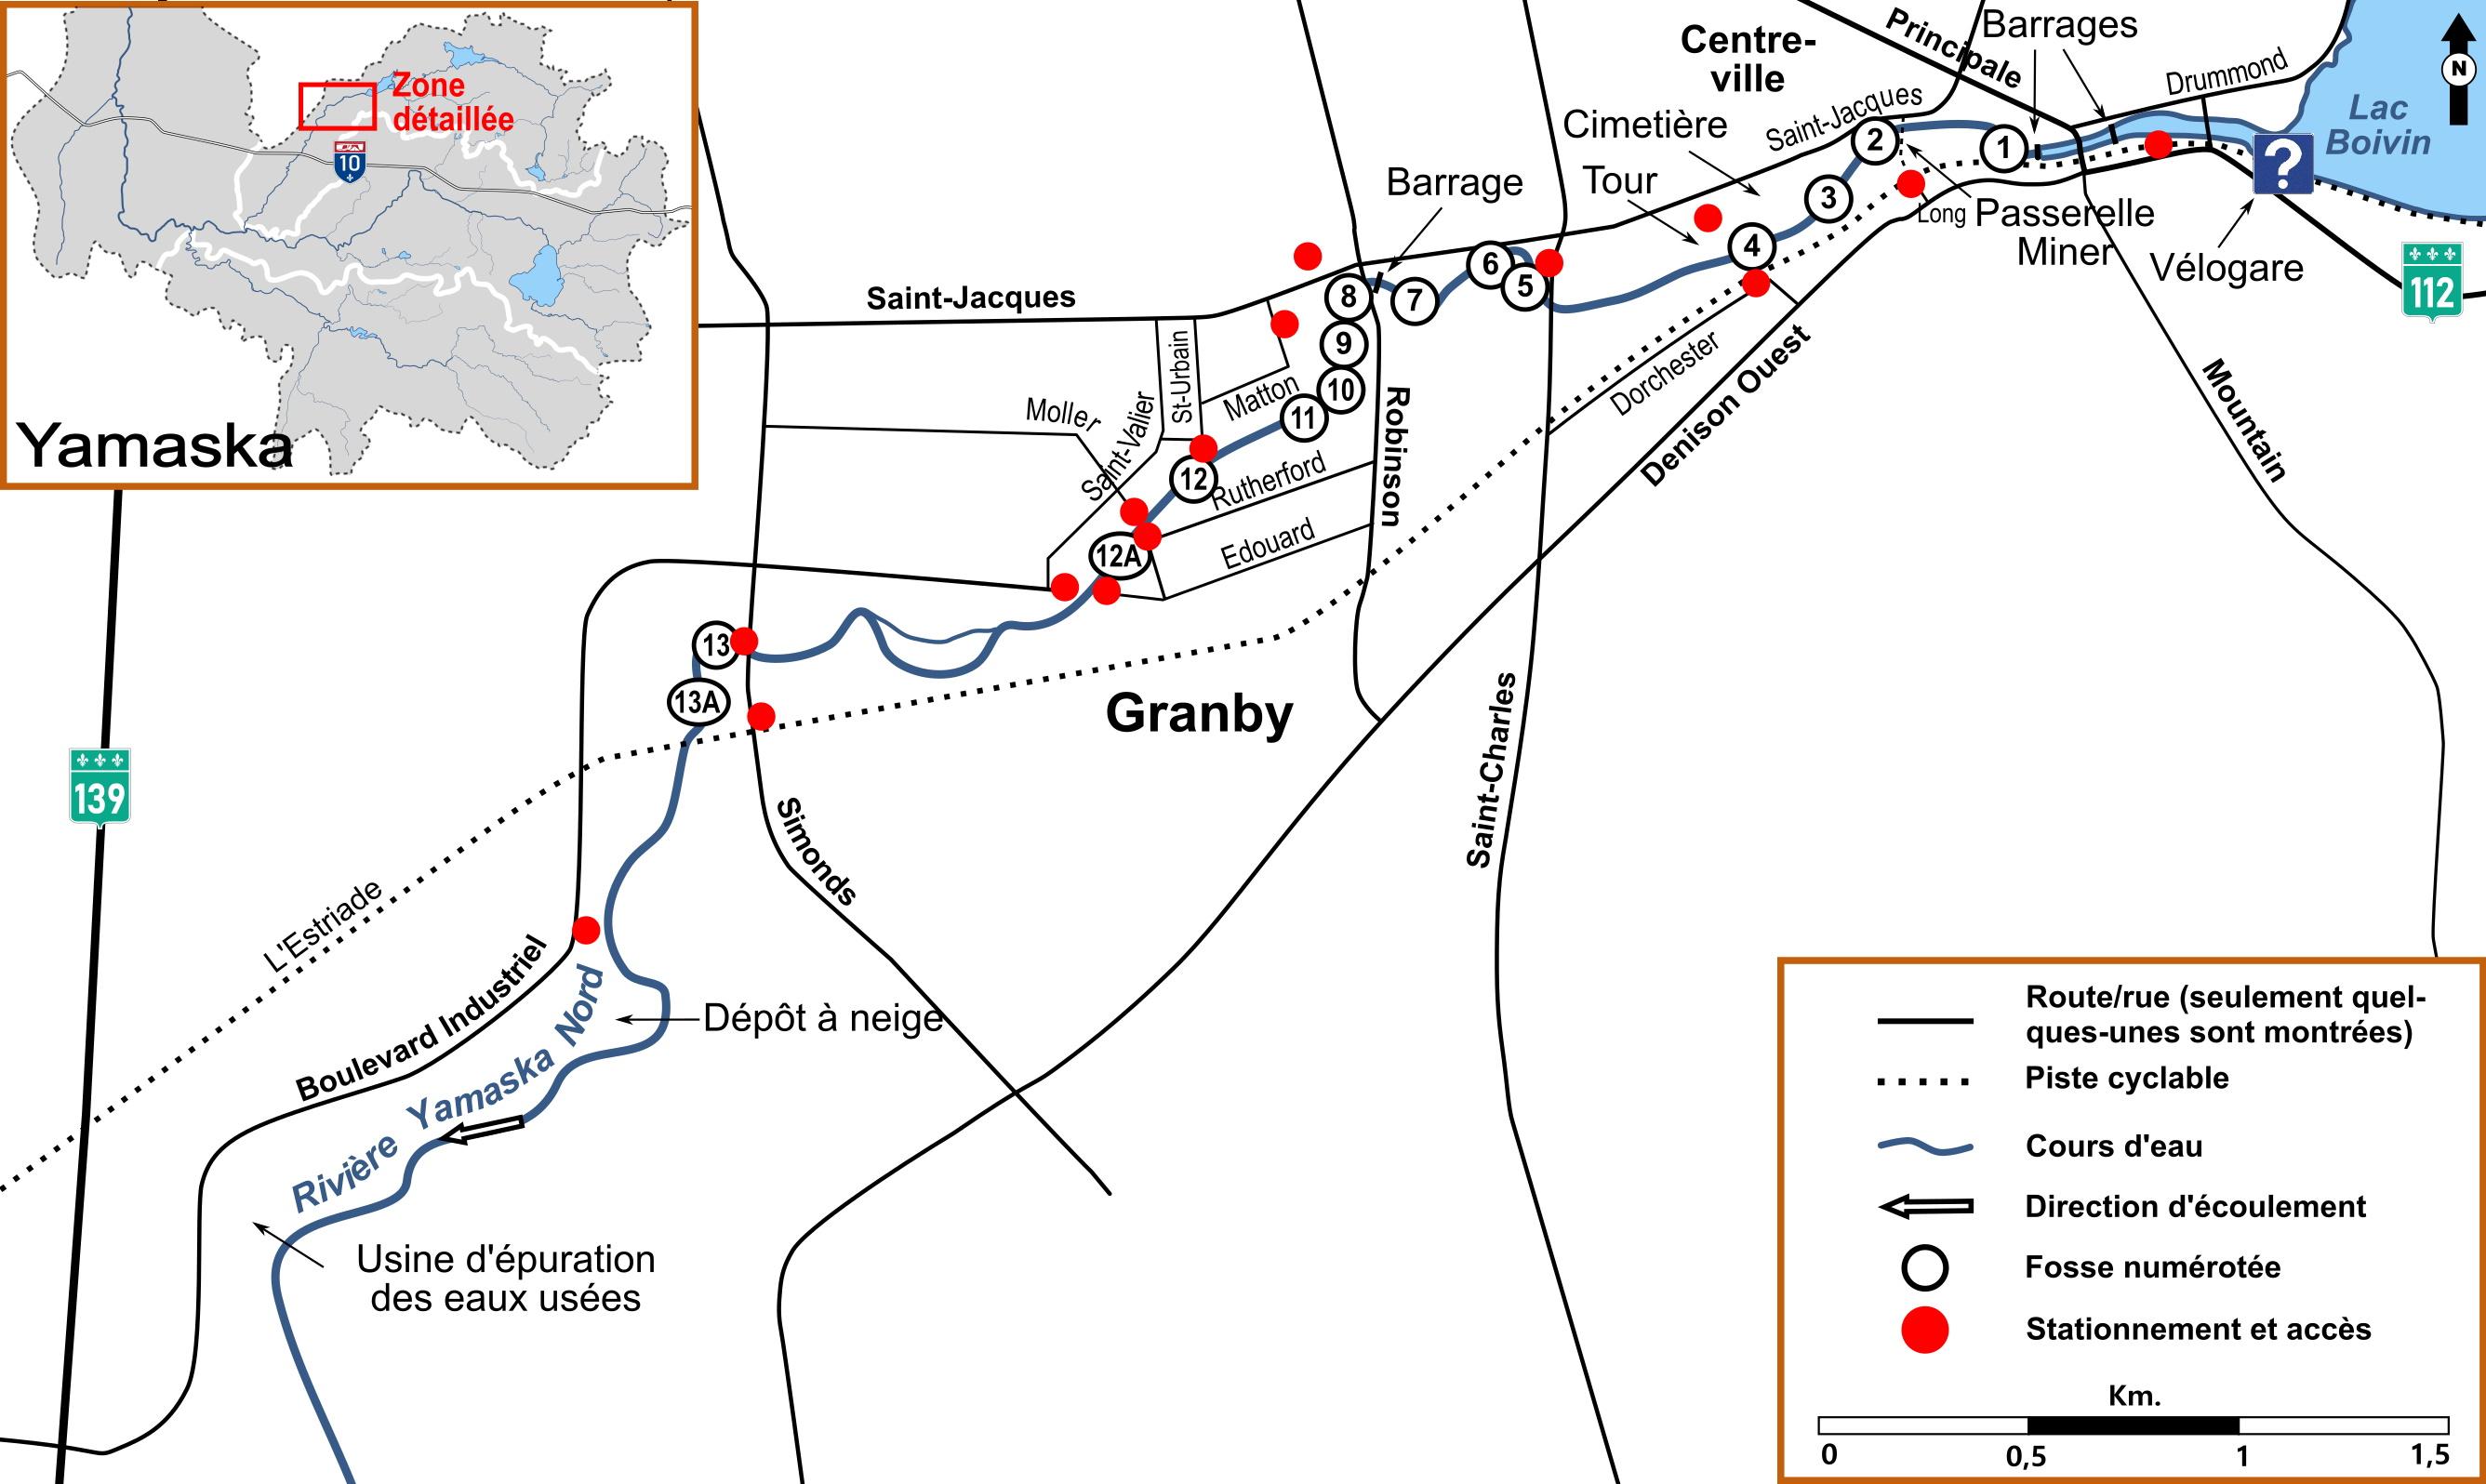 Carte détaillée provenant du livre montrant la rivière Yamaska Nord à Granby, les fosses et les accès. Cette section de rivière est une destination de pêche d'hiver.